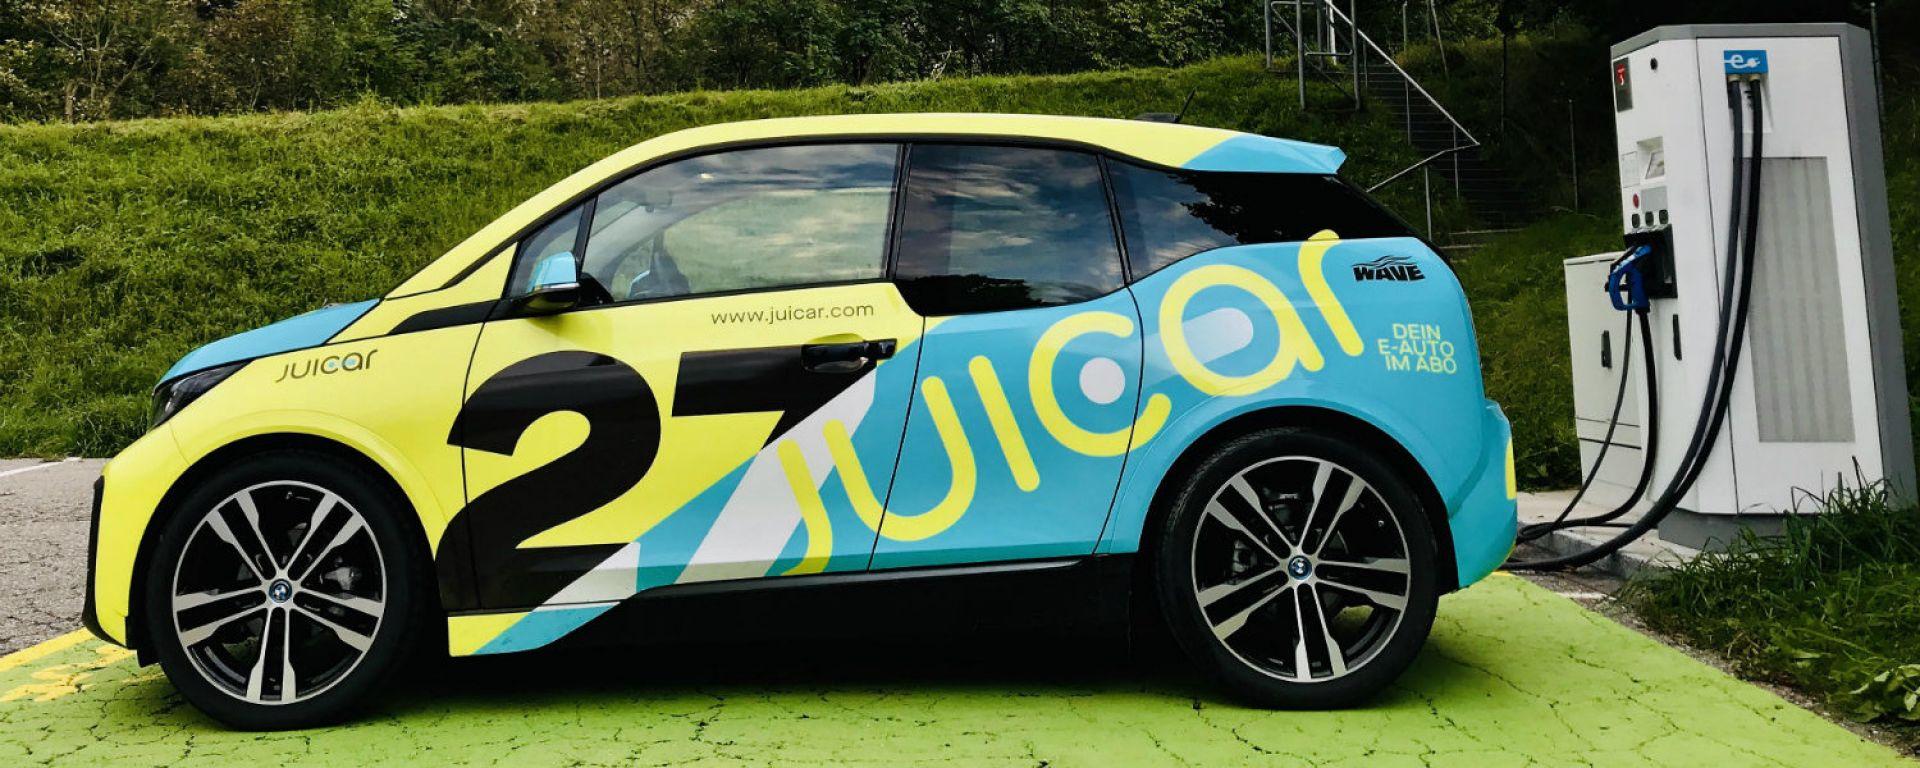 Juicar: il noleggio smart di auto elettriche arriva in Italia